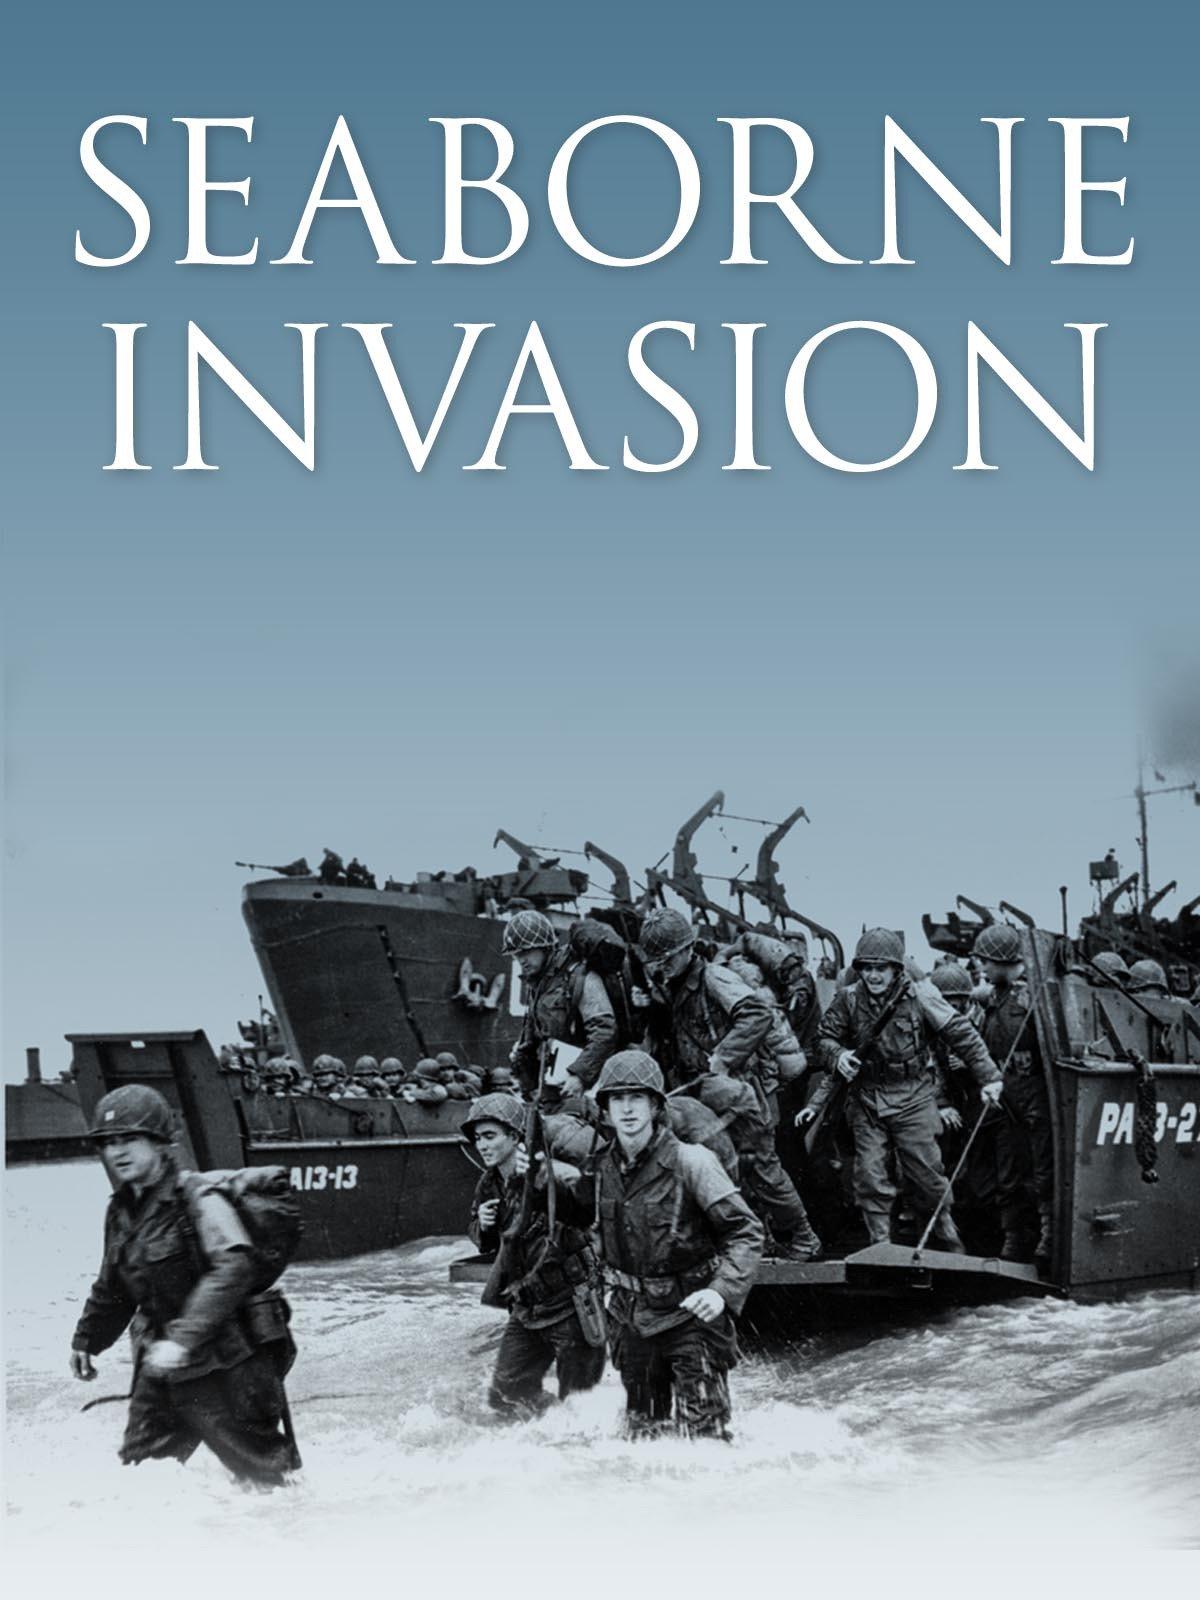 Seaborne Invasion